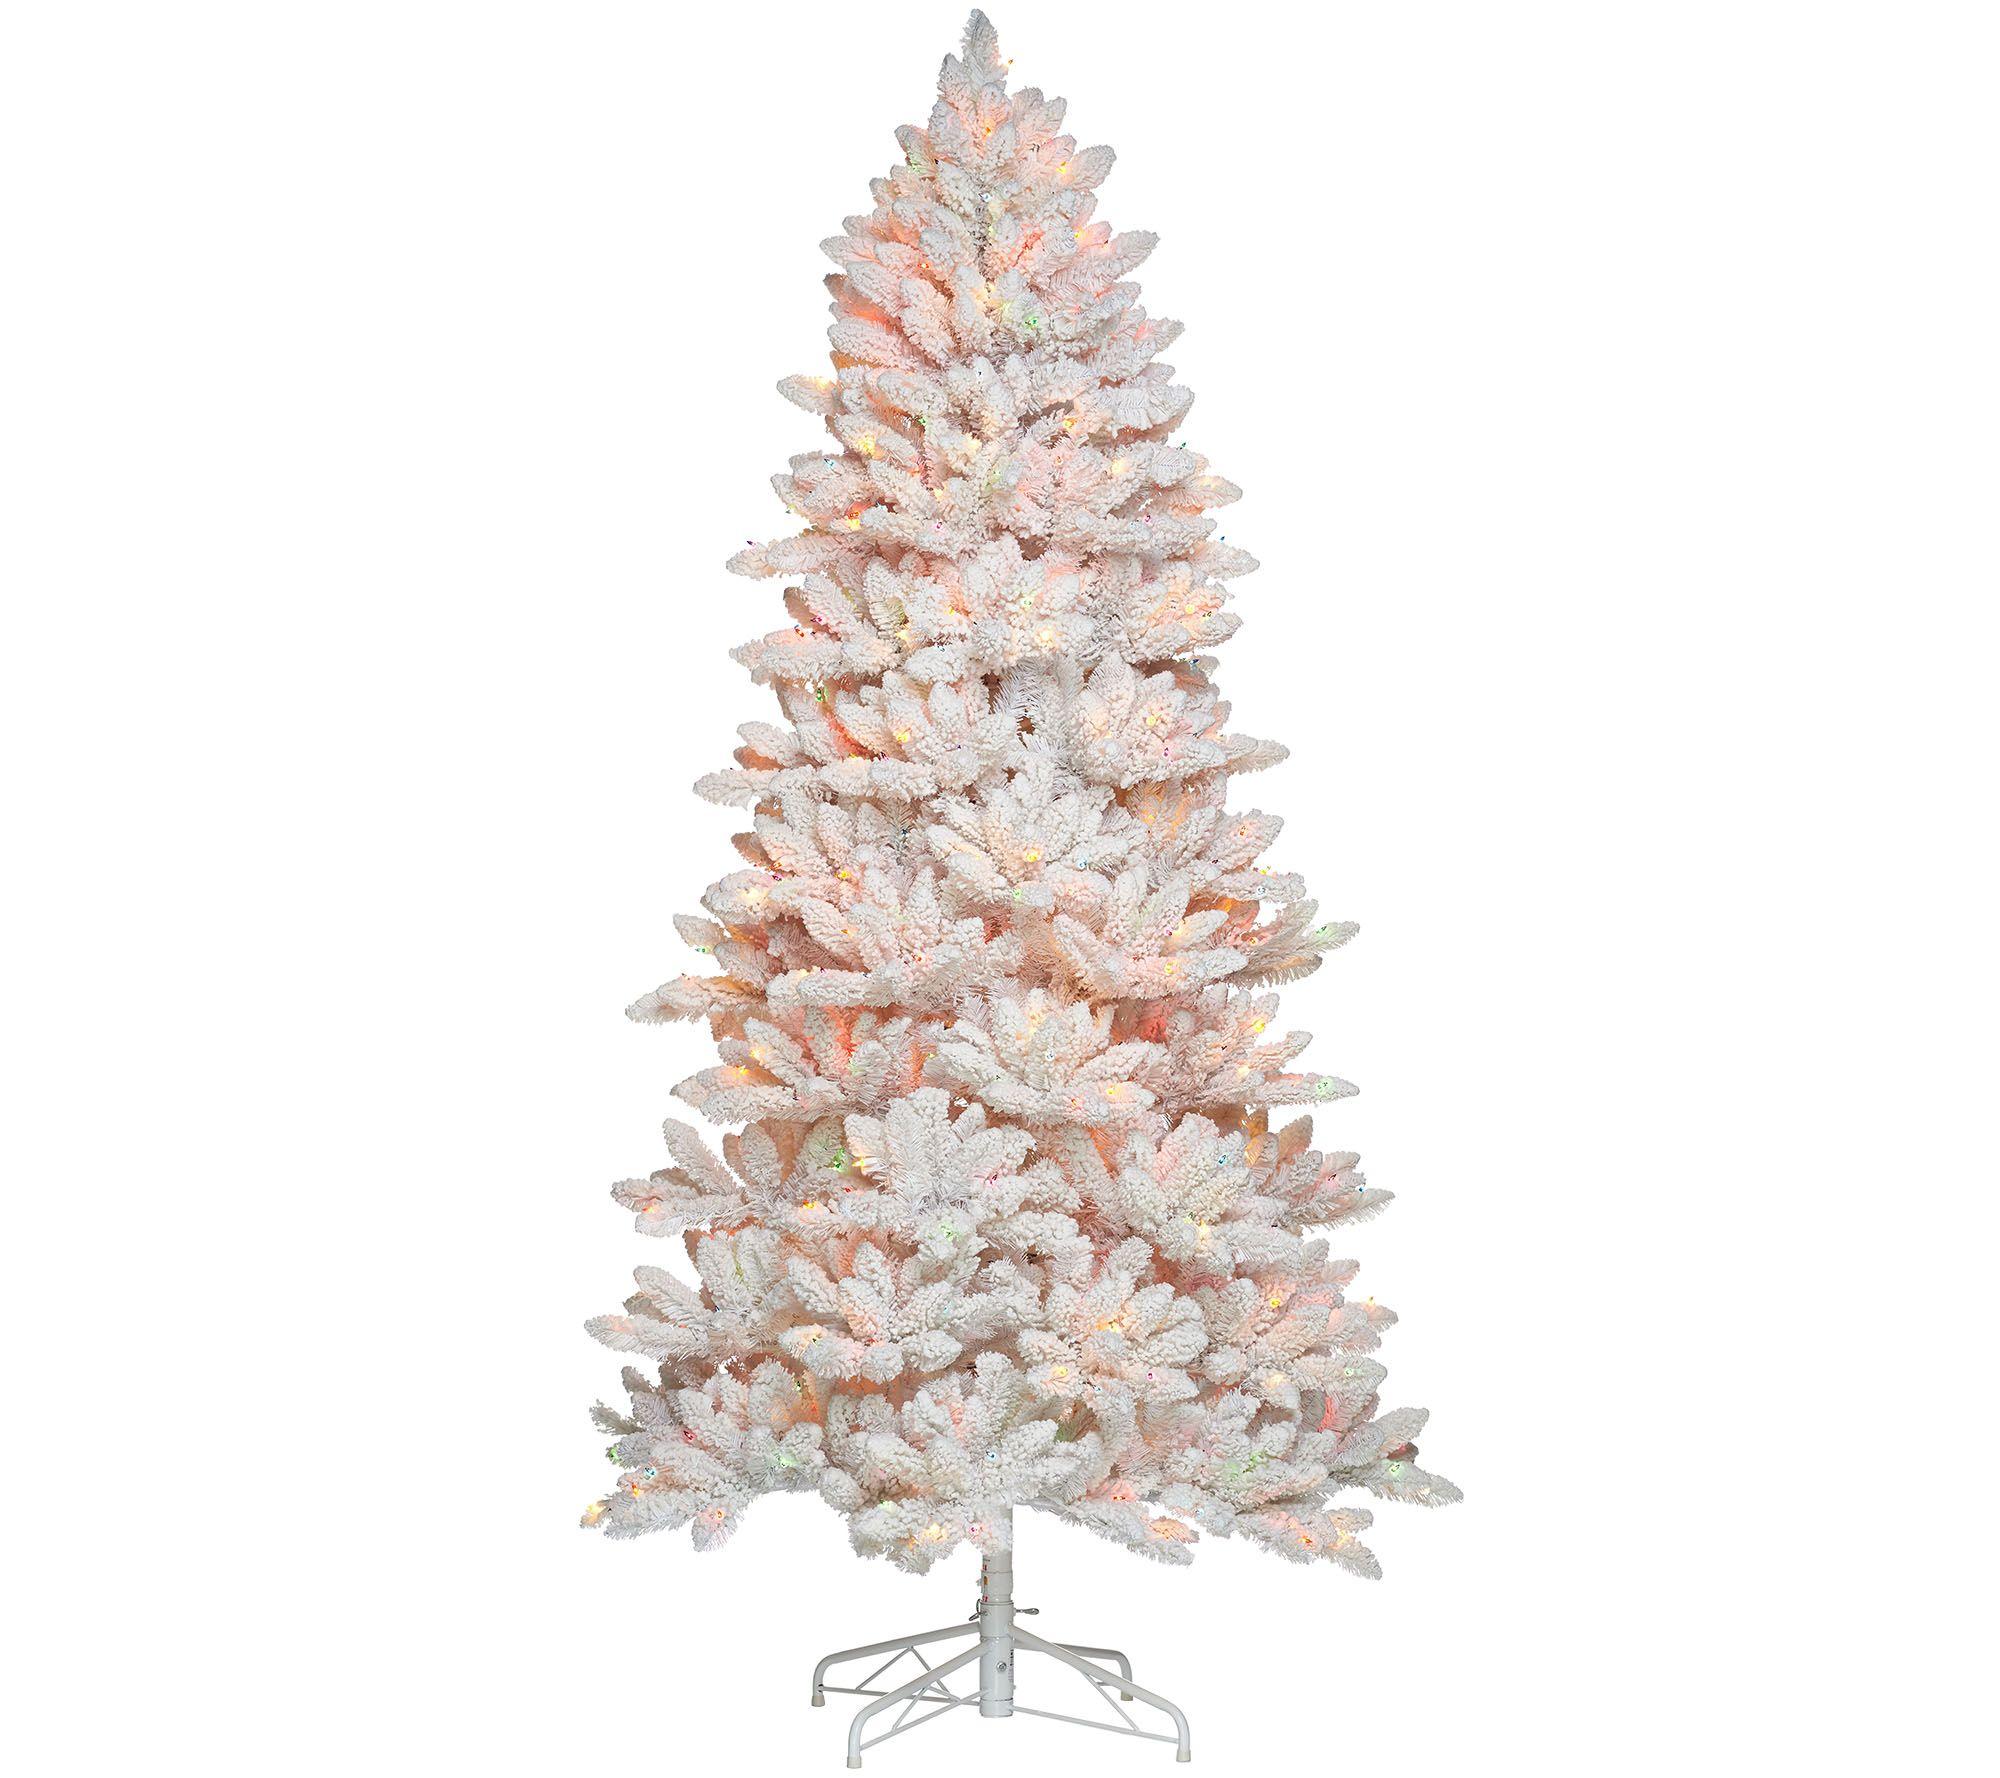 Bethlehem Lights 7.5' Hudson Flocked Christmas Tree - Page 1 — QVC.com